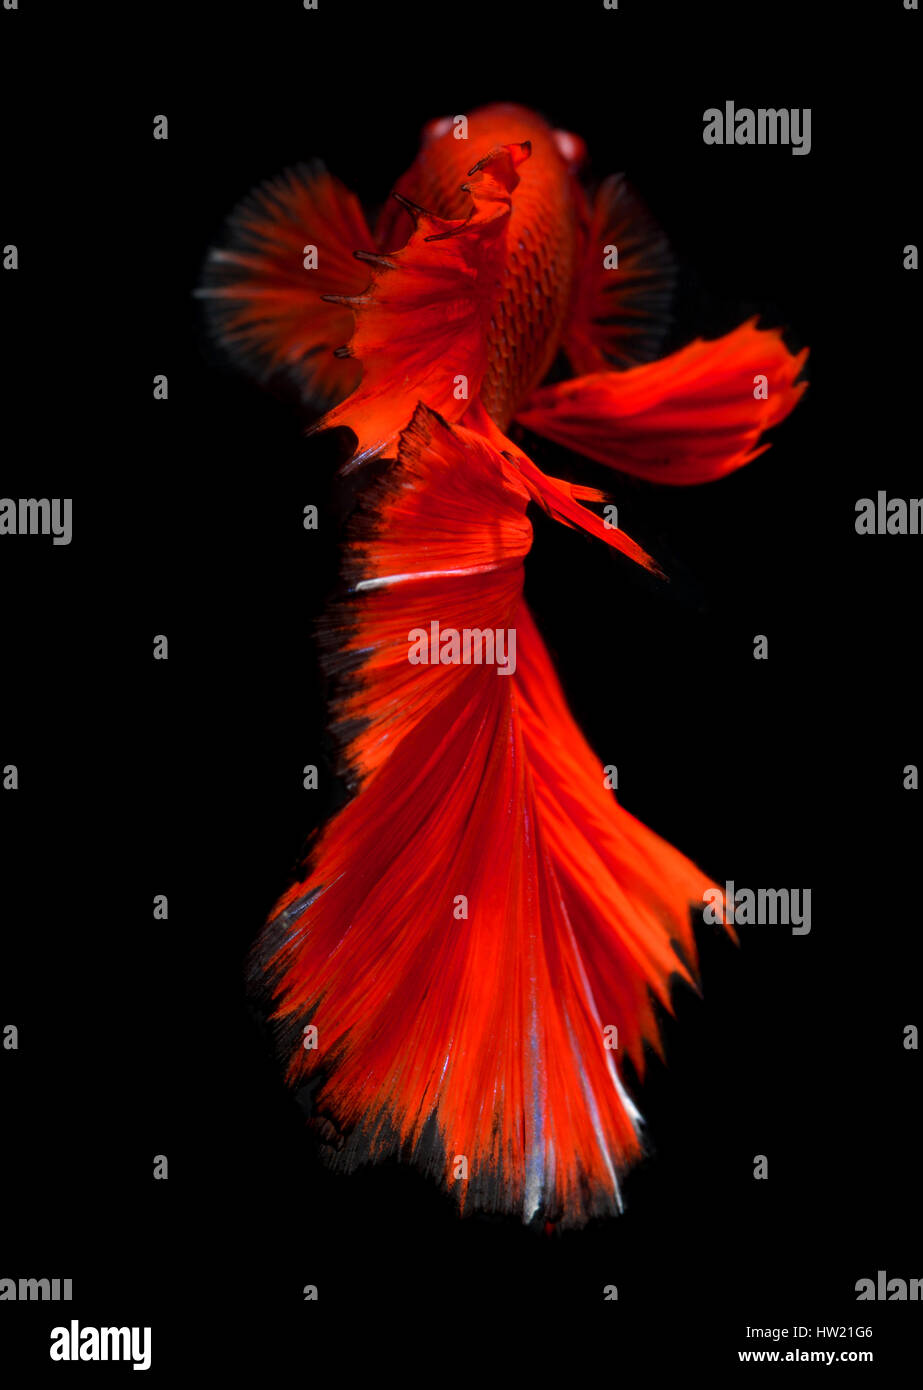 Acción de Haft luna roja larga cola Betta peces o la lucha contra los peces siameses foto en flash iluminación Imagen De Stock